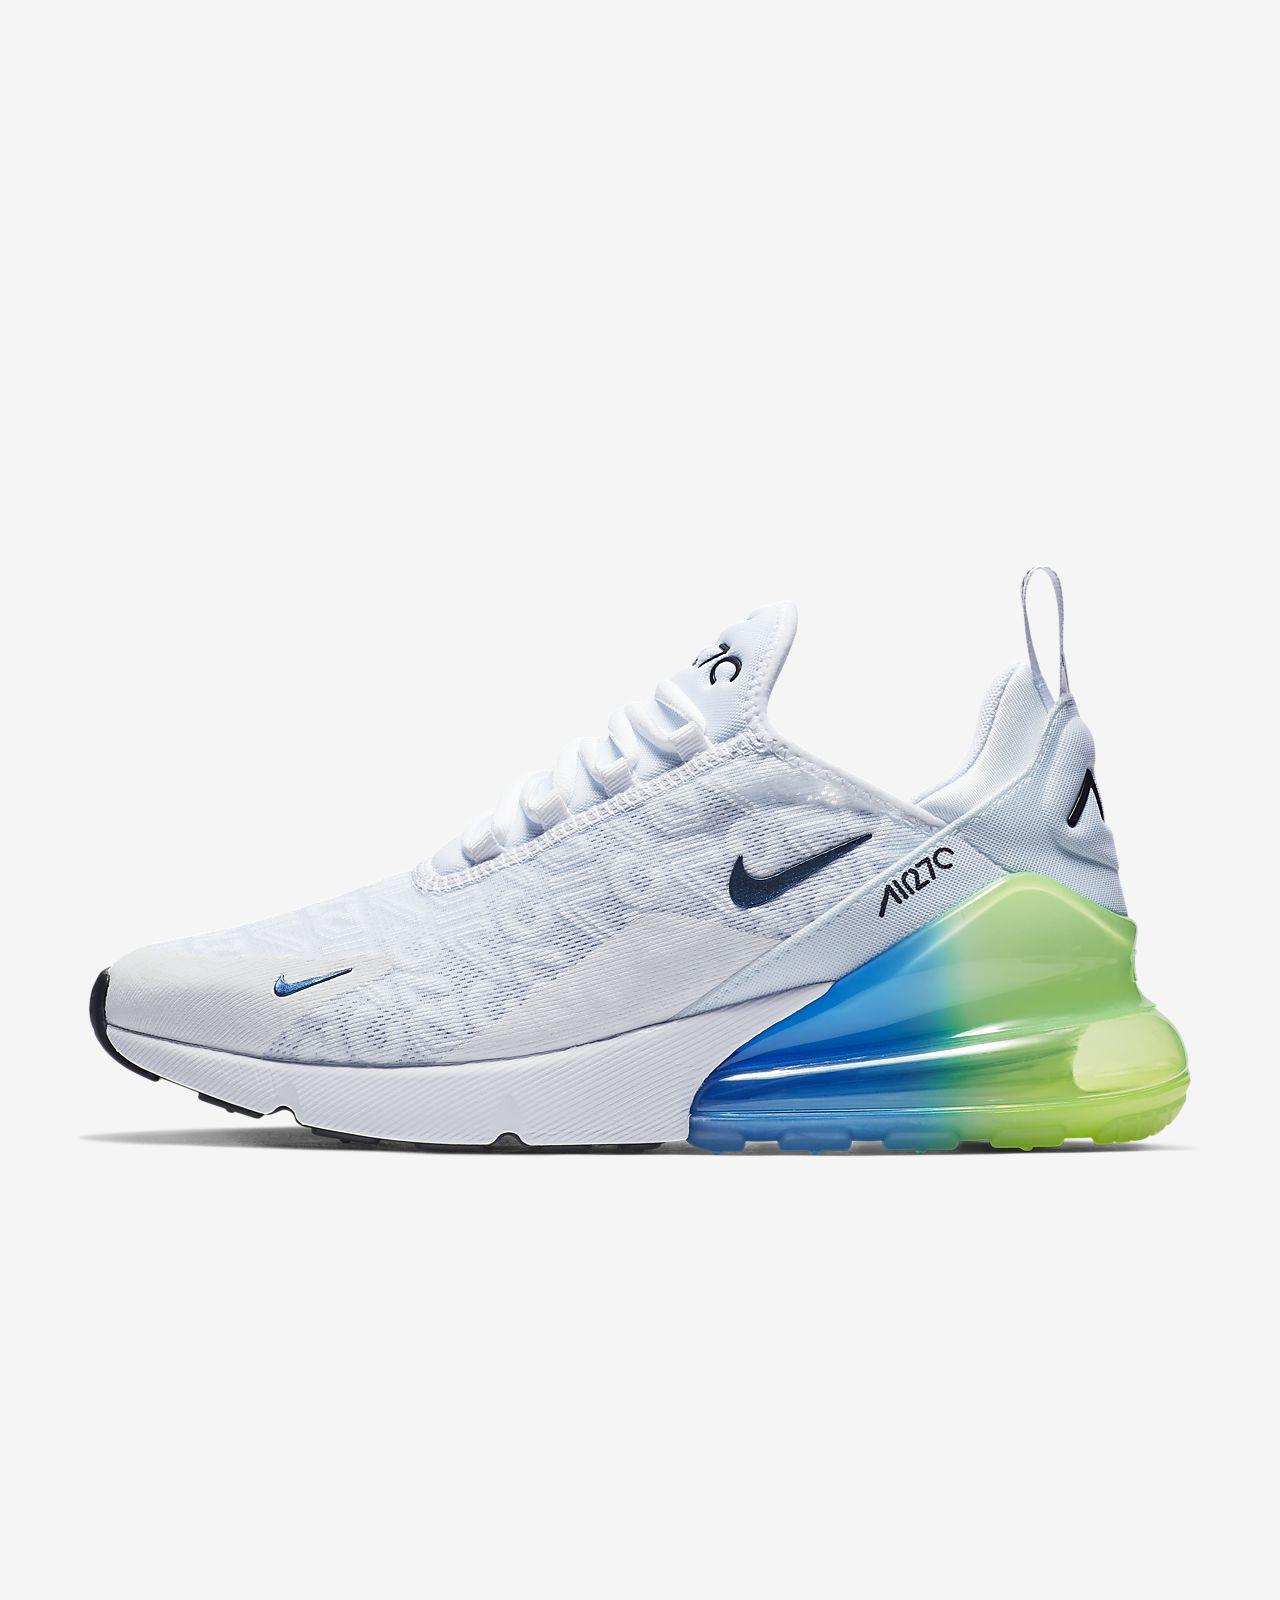 ed65c4093a6 Nike Air Max 270 SE Men s Shoe. Nike.com VN